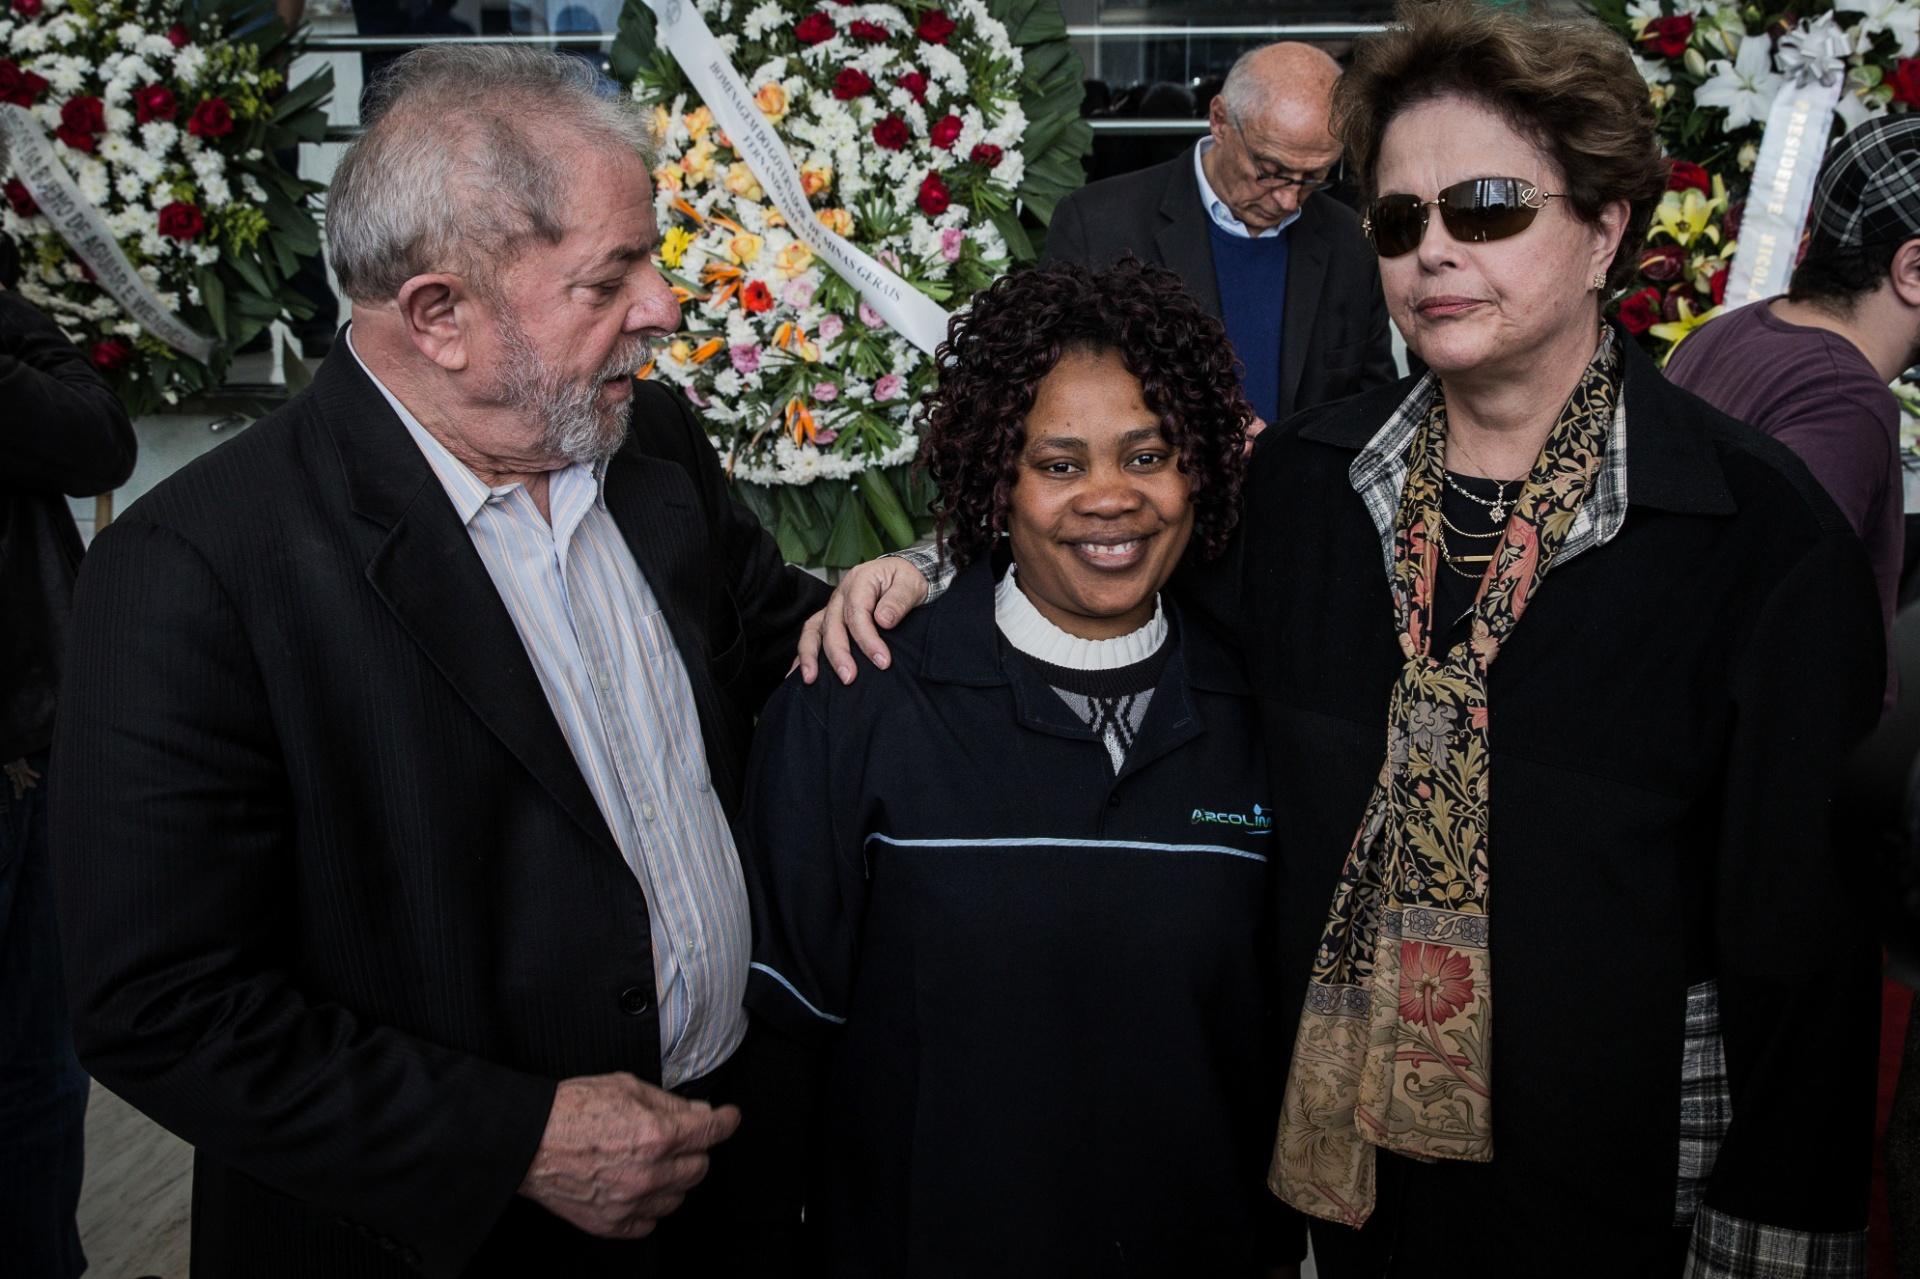 21.jul.2017 - Funcionária da Alesp (Assembleia Legislativa de São Paulo) tira foto com os ex-presidentes Luiz Inácio Lula da Silva e Dilma Rousseff